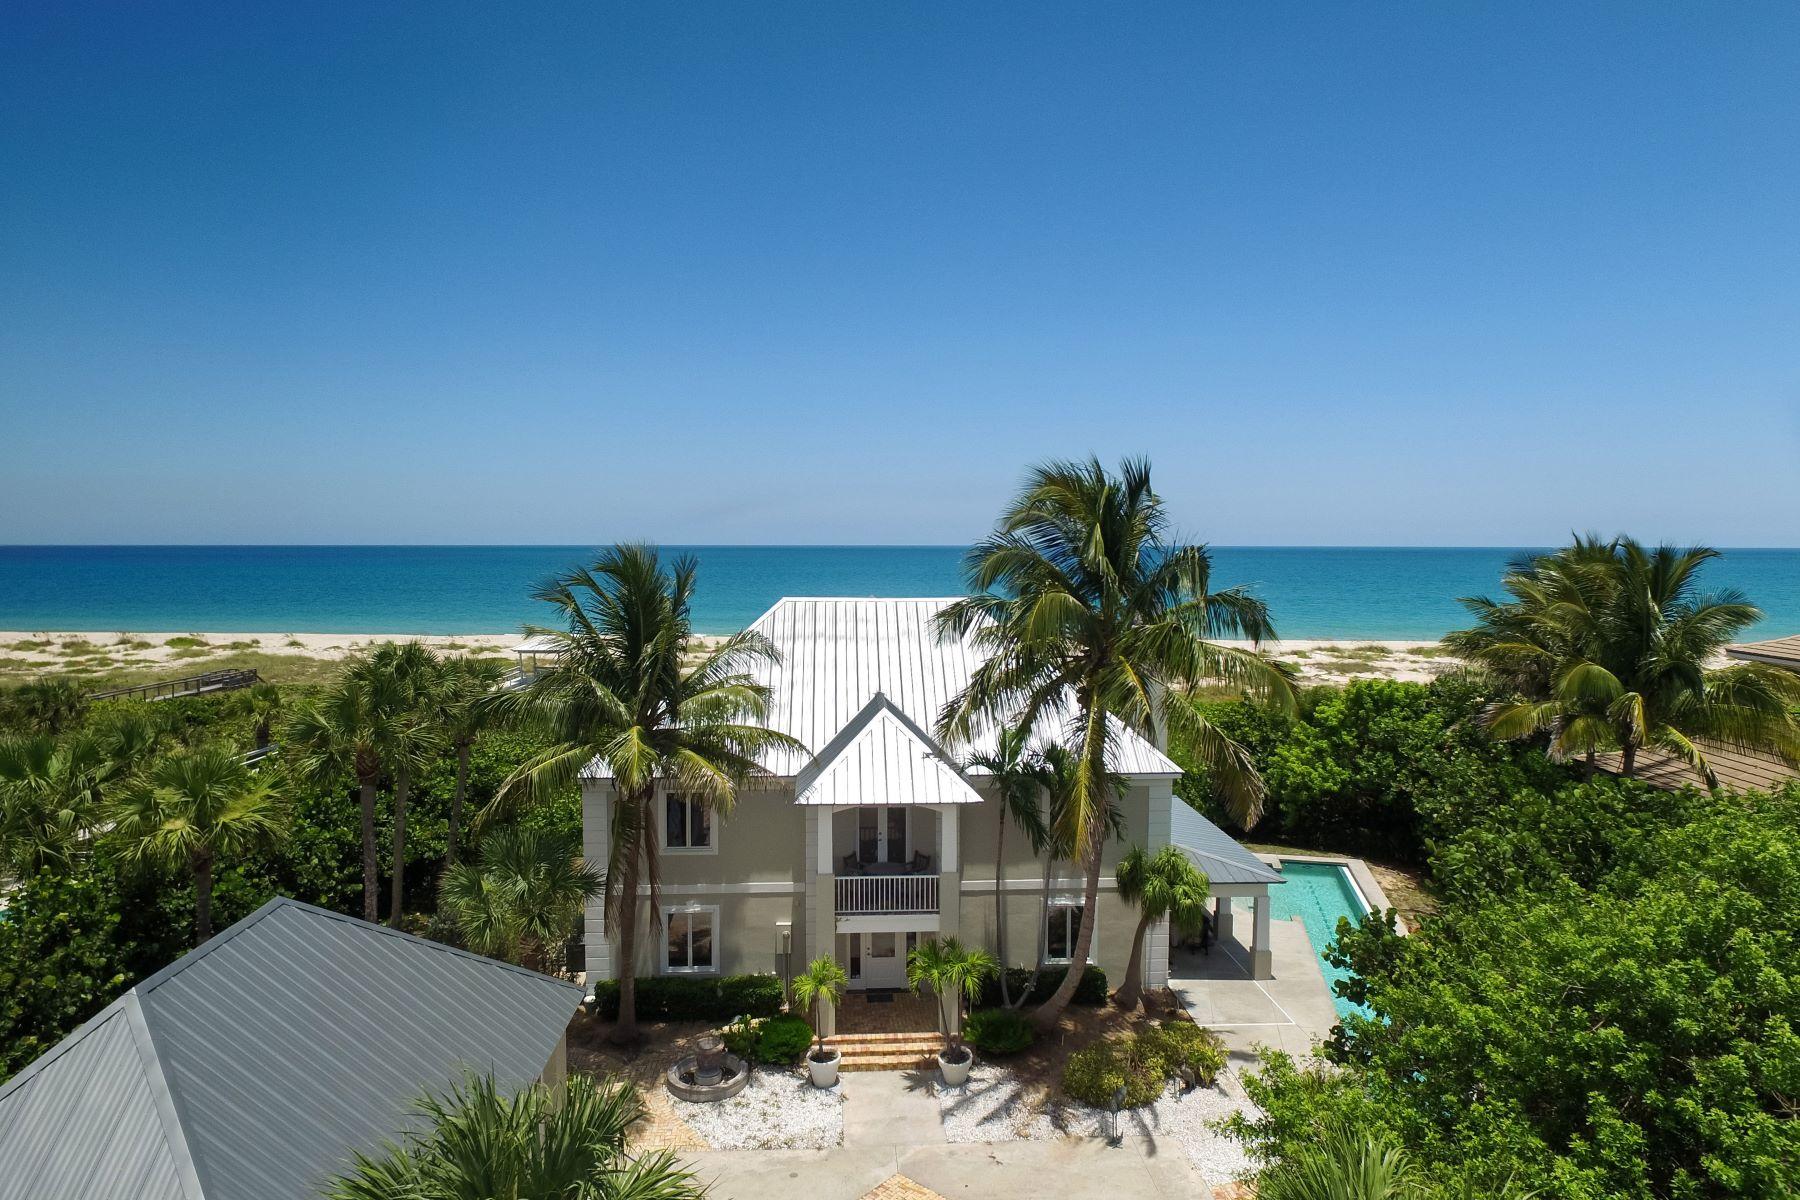 独户住宅 为 销售 在 Oceanfront Estate Home 820 Crescent Beach Road 维罗海滩, 佛罗里达州, 32963 美国